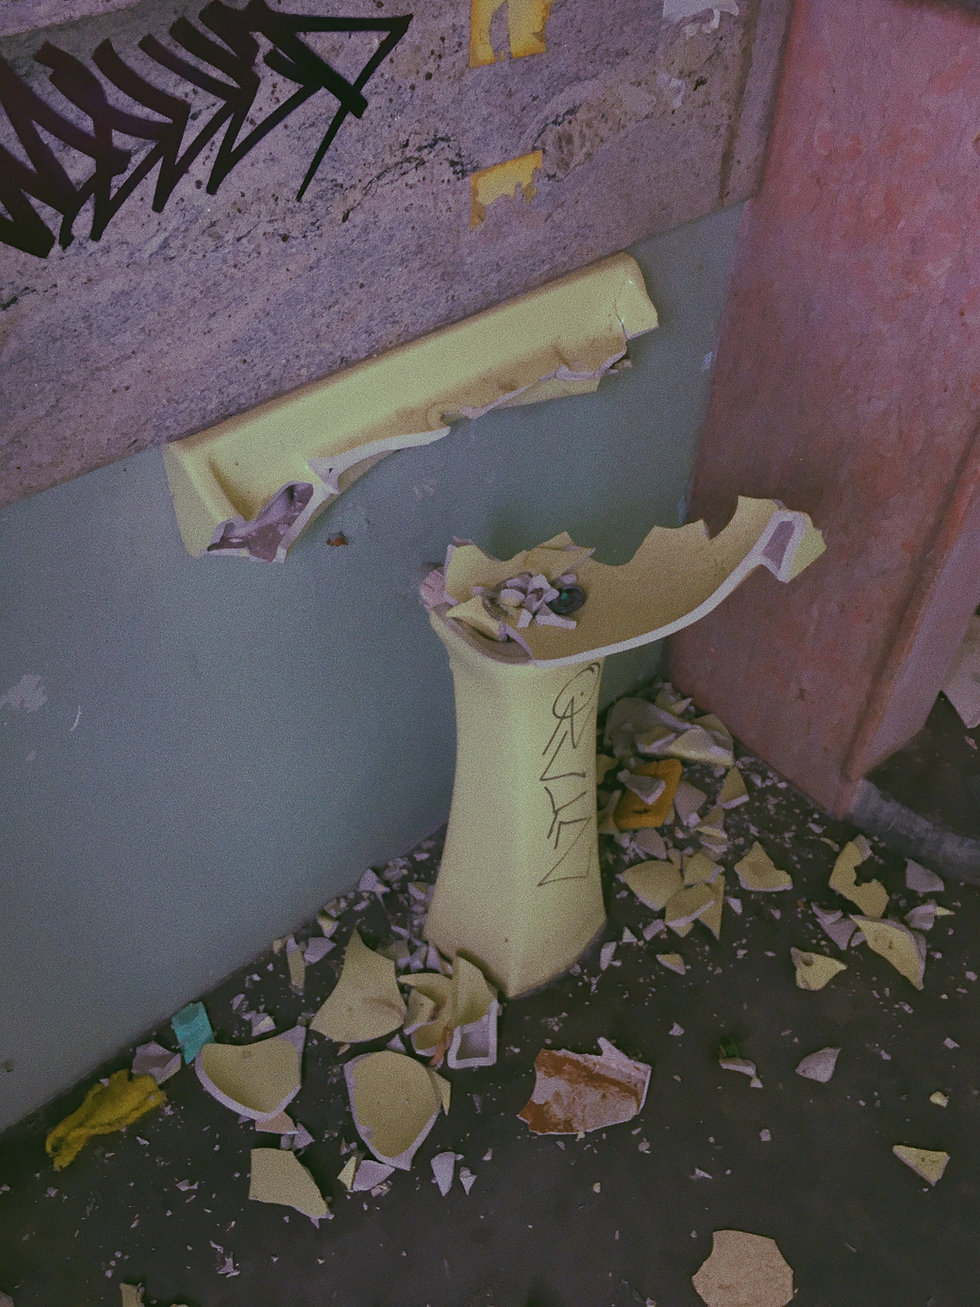 A broken sink